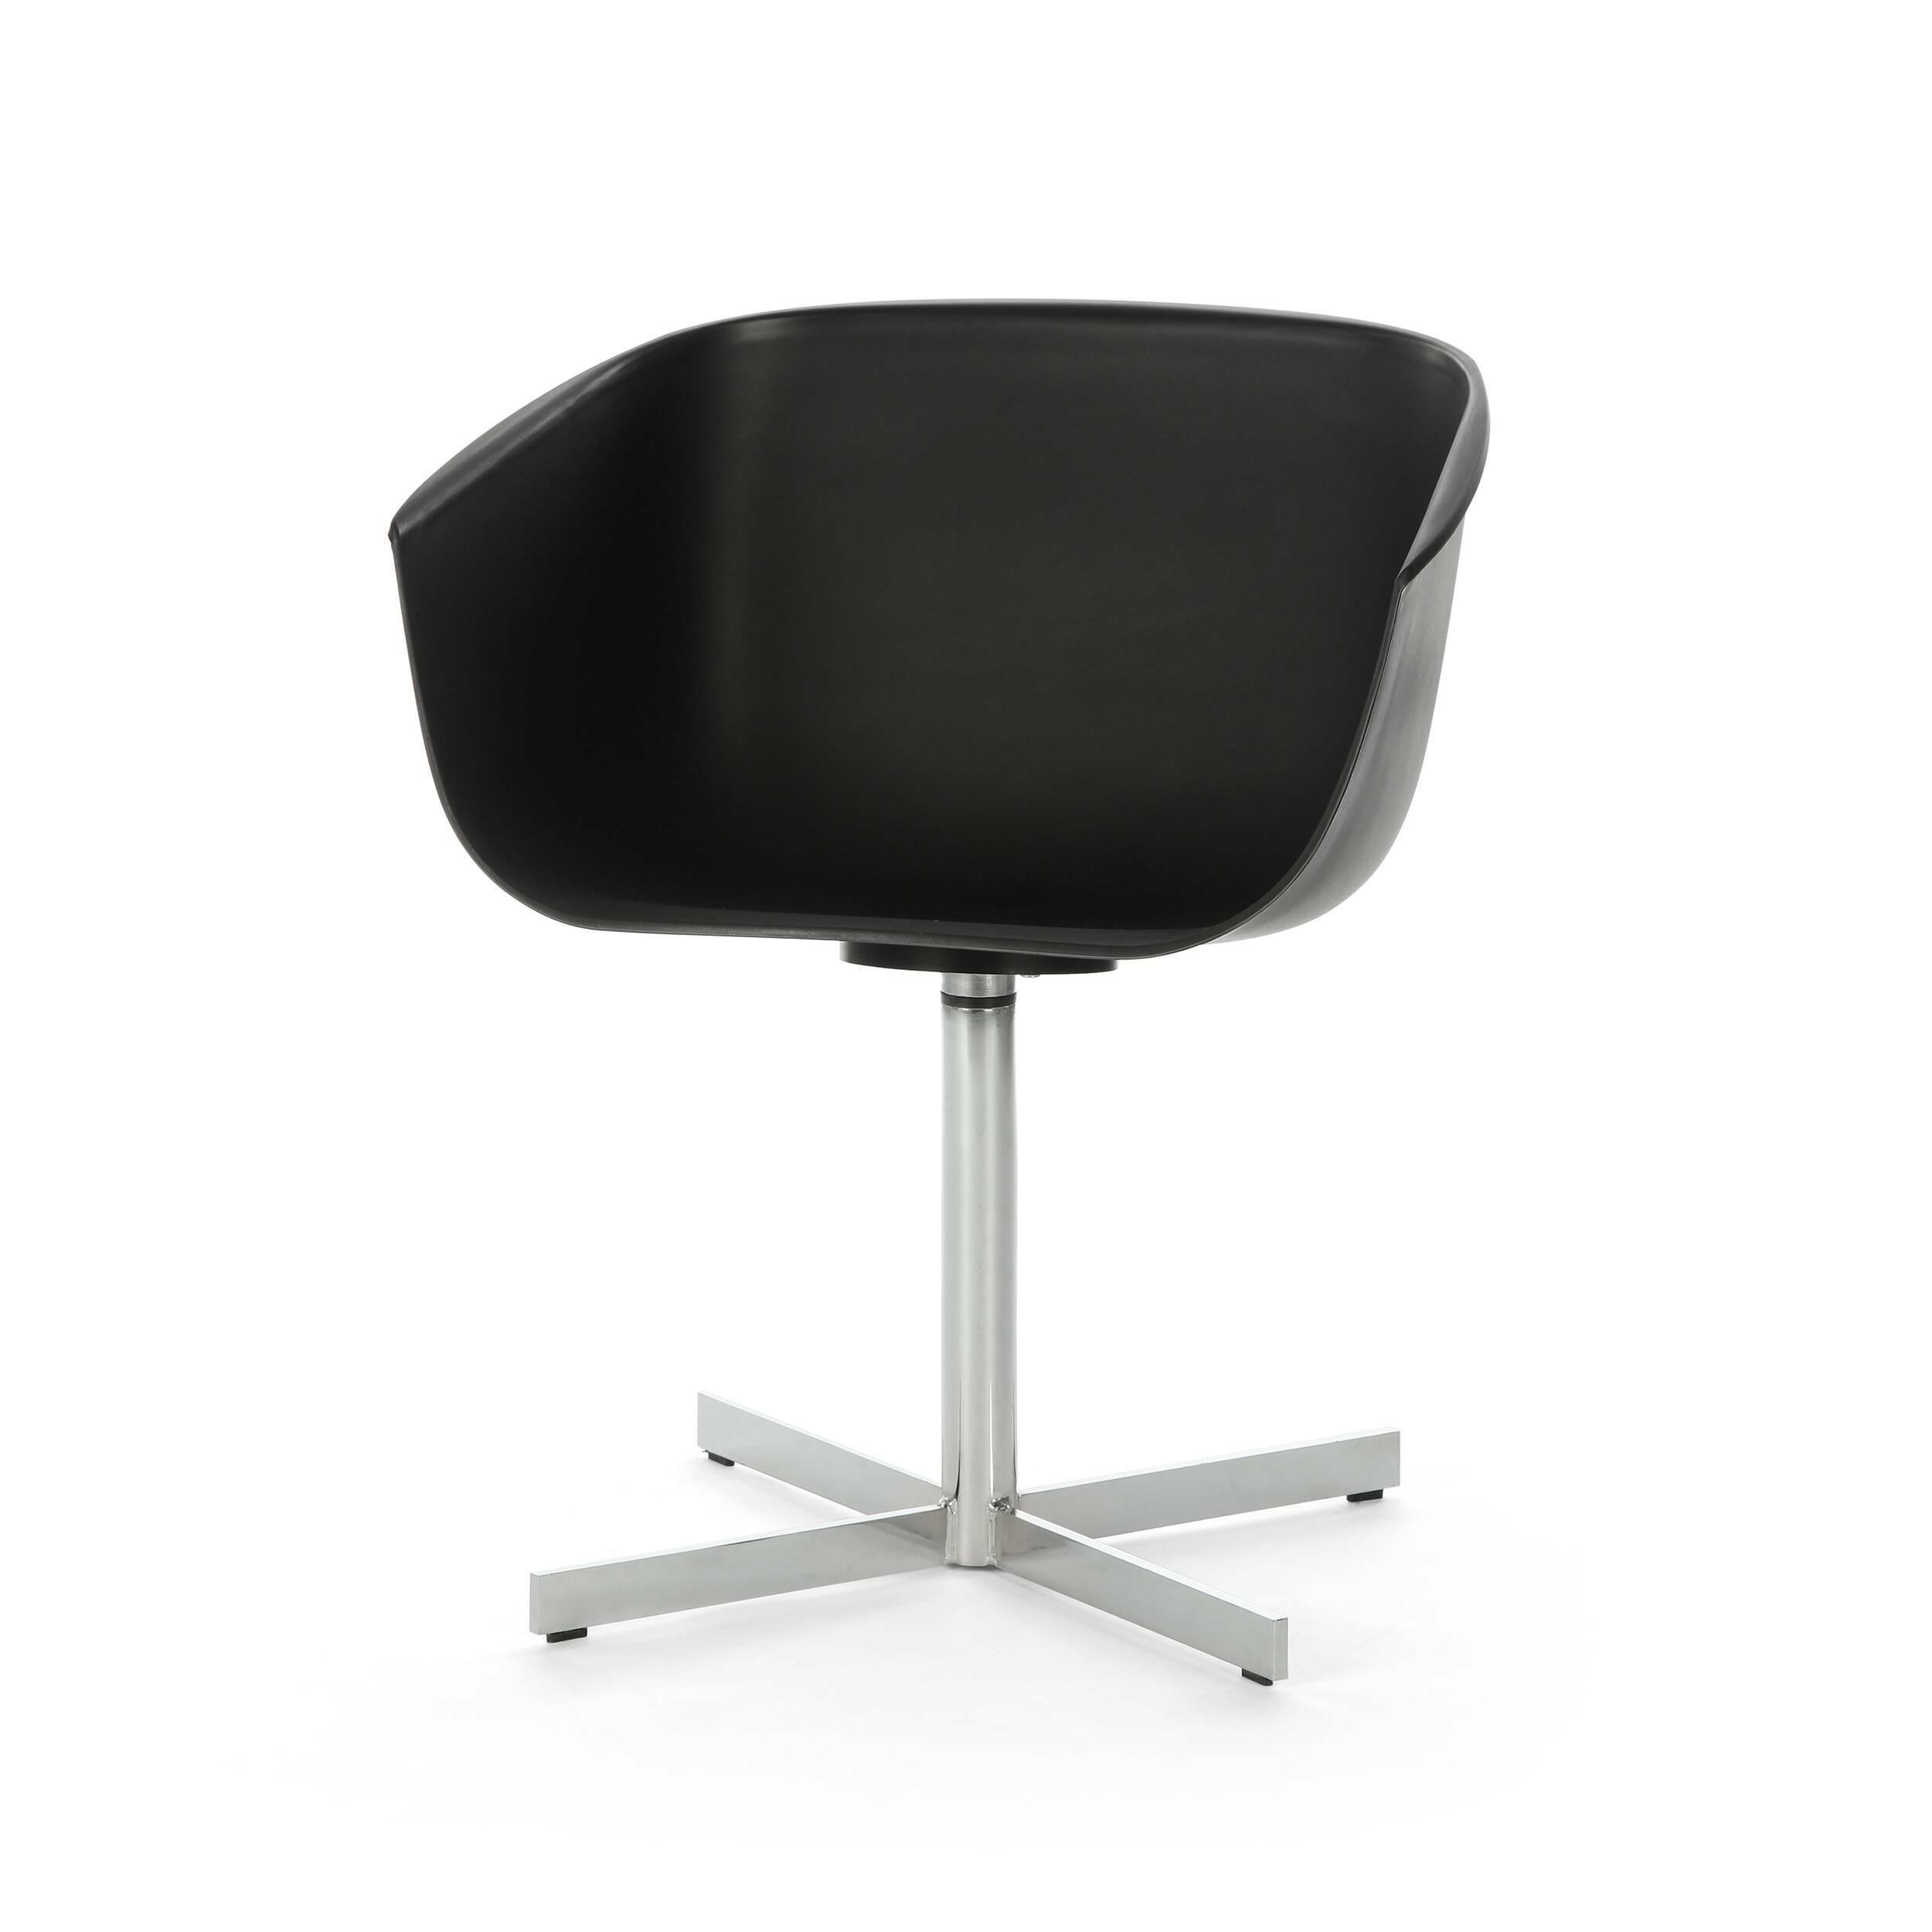 Стул VisitorИнтерьерные<br>Дизайнерский черный стул Visitor (Визитор) в форме чаши на стальной хромированной ножке от Cosmo (Космо).<br><br>     Необычный и в то же время строгий и сдержанный — отличный кандидат на роль мебели в офисе креативного и целеустремленного коллектива. Стул Visitor — классическая модель офисной мебели, которая так часто встречается на работе, во время обеденного перерыва, за домашним компьютером и даже во время отдыха.<br><br>Удобный, оригинальный, простой в обращении, этот офисный стул будет органичн...<br><br>stock: 2<br>Высота: 72,5<br>Высота сиденья: 44,5<br>Ширина: 59<br>Глубина: 53<br>Цвет ножек: Хром<br>Цвет сидения: Черный<br>Тип материала сидения: Полипропилен<br>Тип материала ножек: Сталь